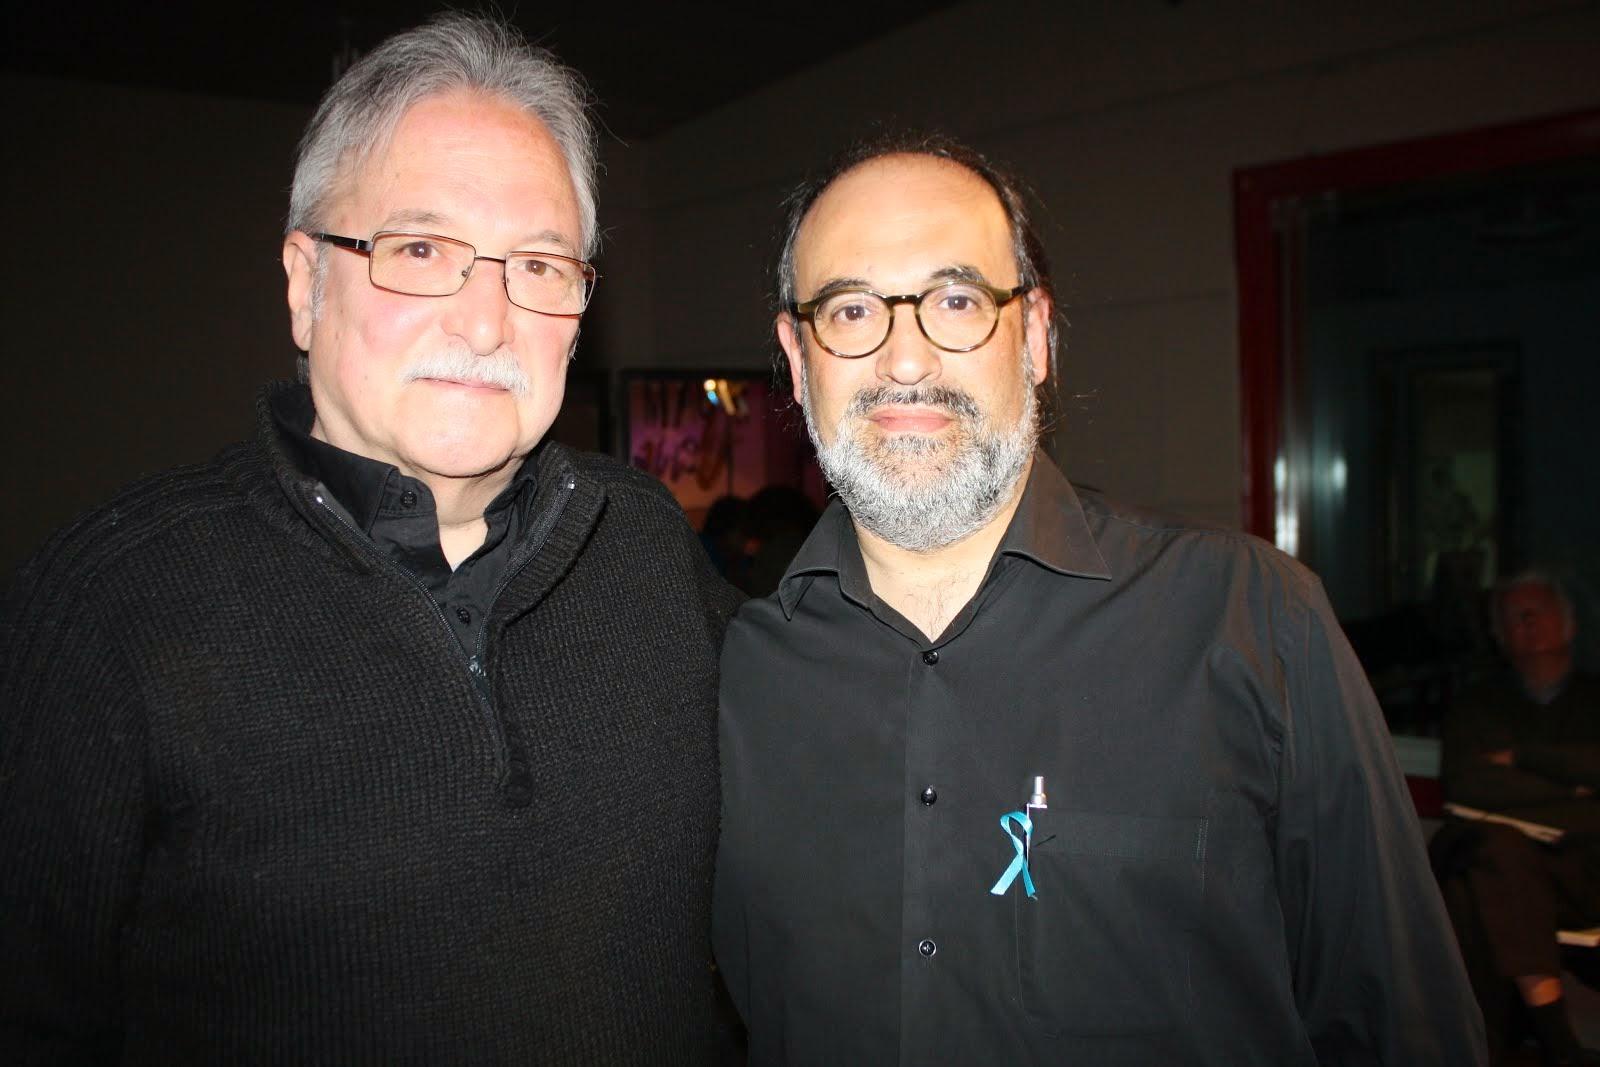 Amb en Jordi Sabatés